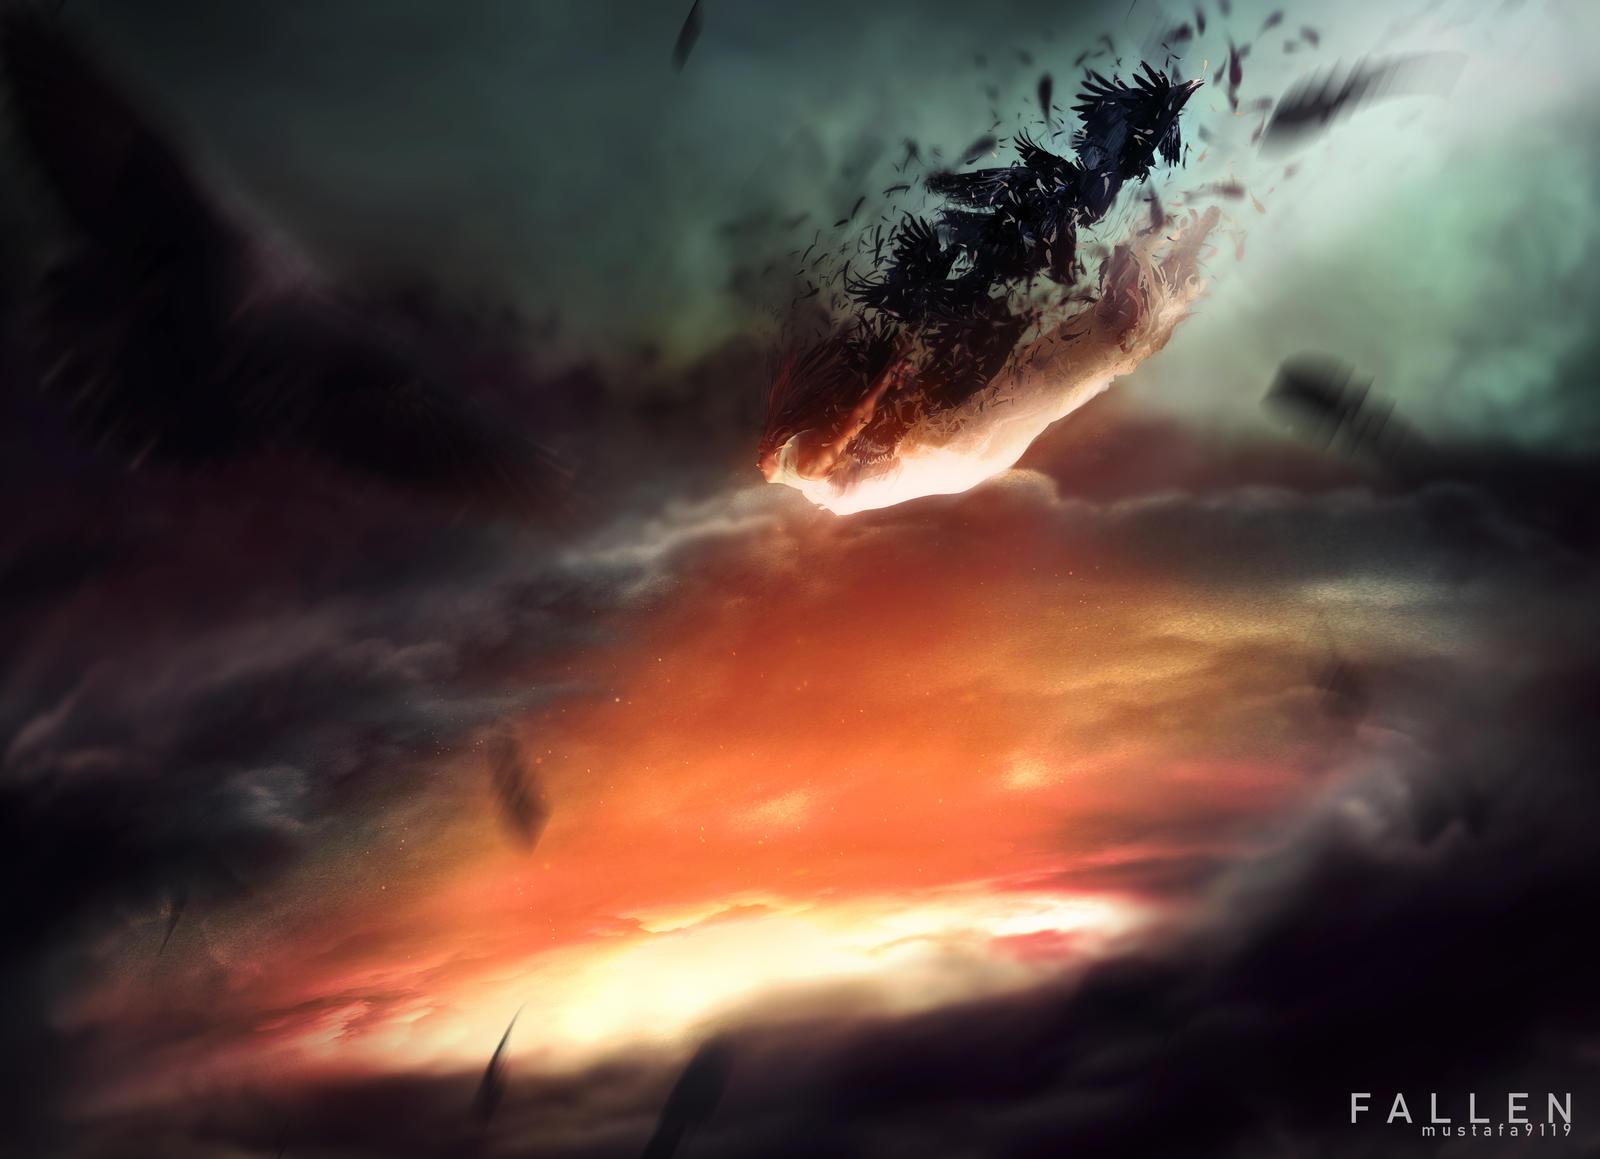 Fallen by Mustafa9119